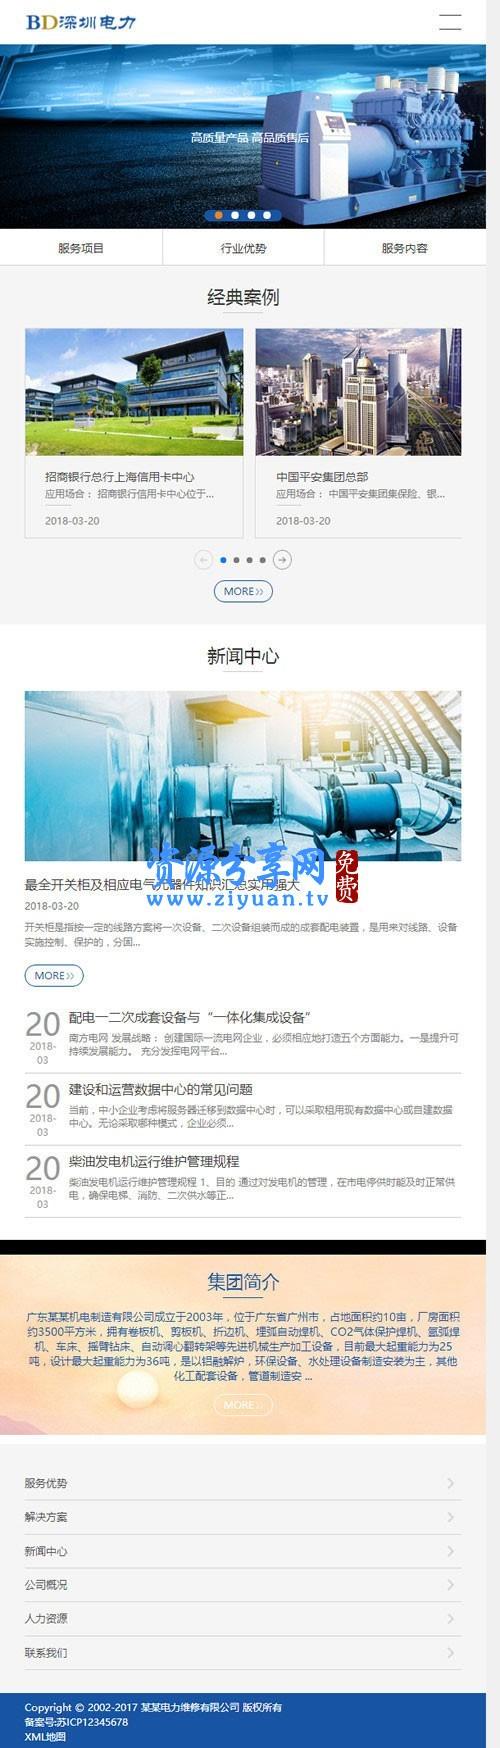 织梦蓝色响应式机械设备电力维修公司网站模板